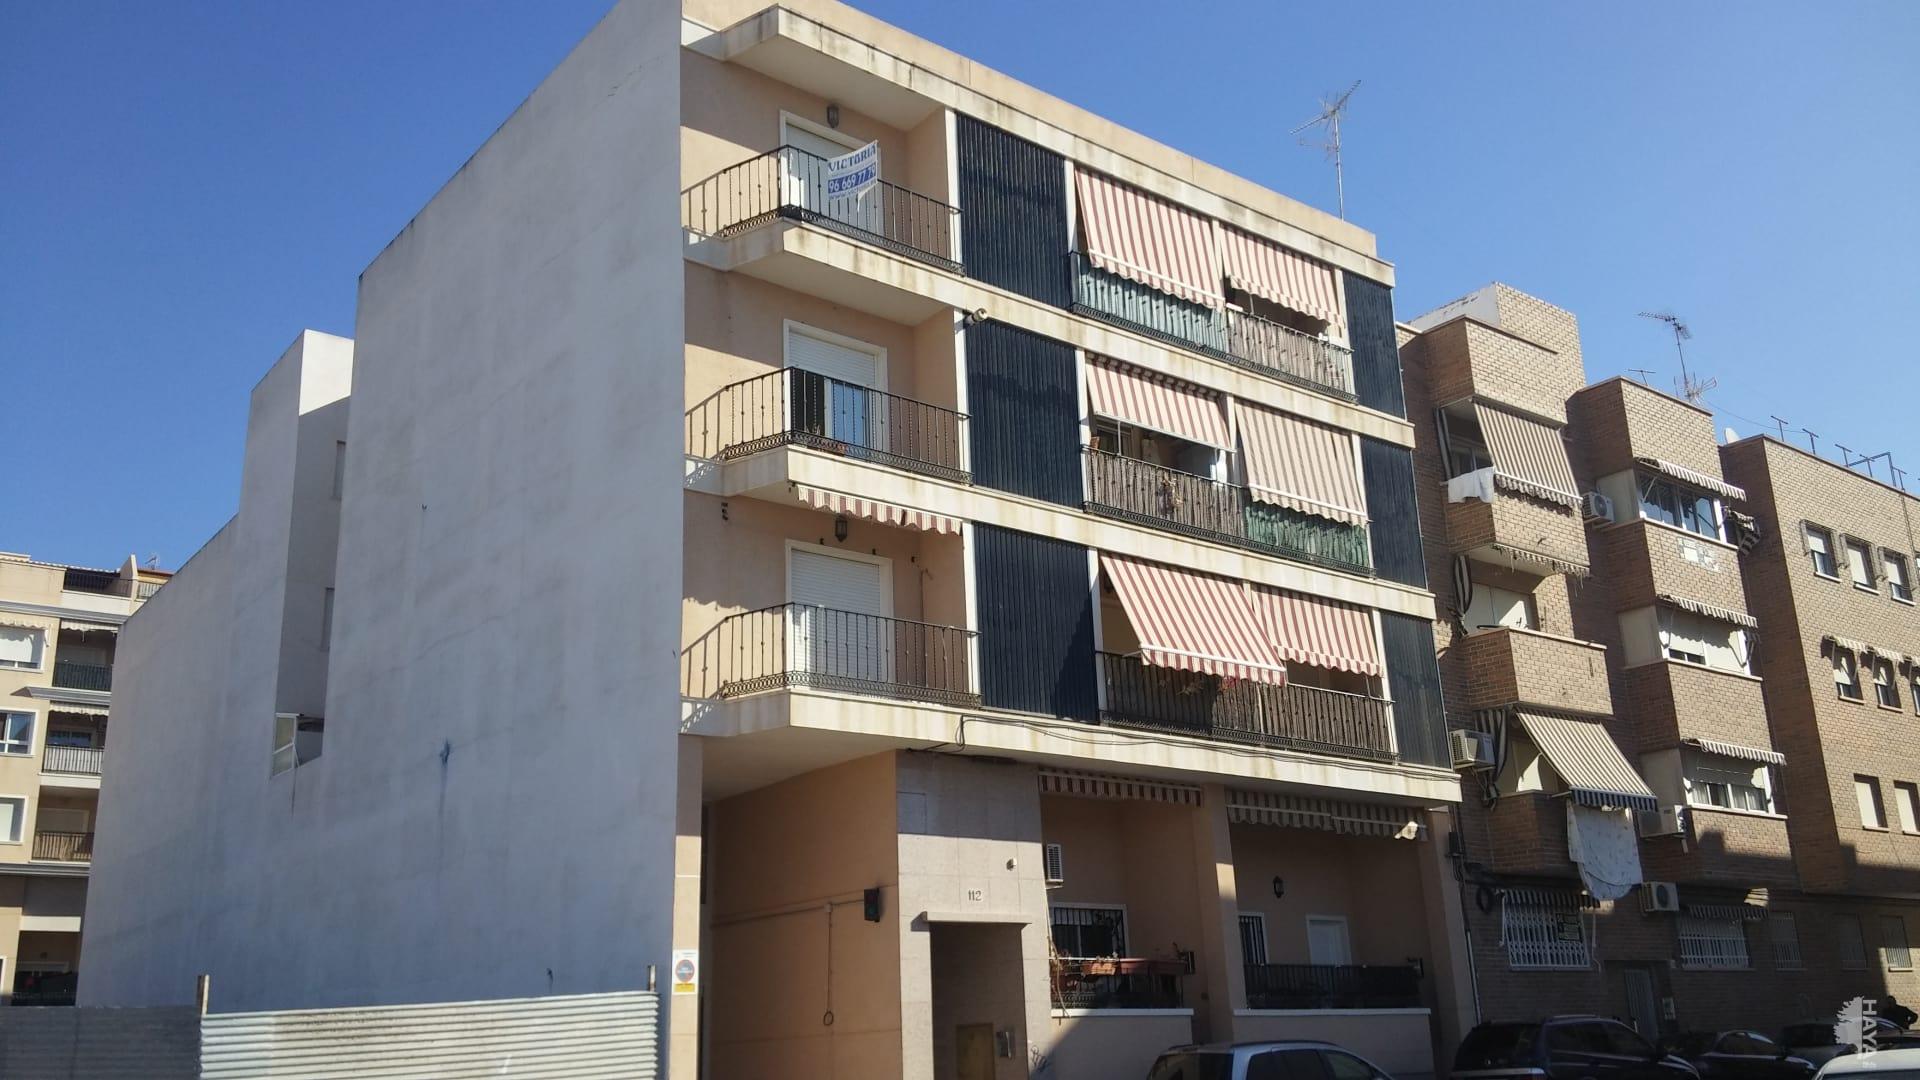 Piso en venta en Santa Pola, Alicante, Calle Mayor, 94.699 €, 3 habitaciones, 4 baños, 104 m2